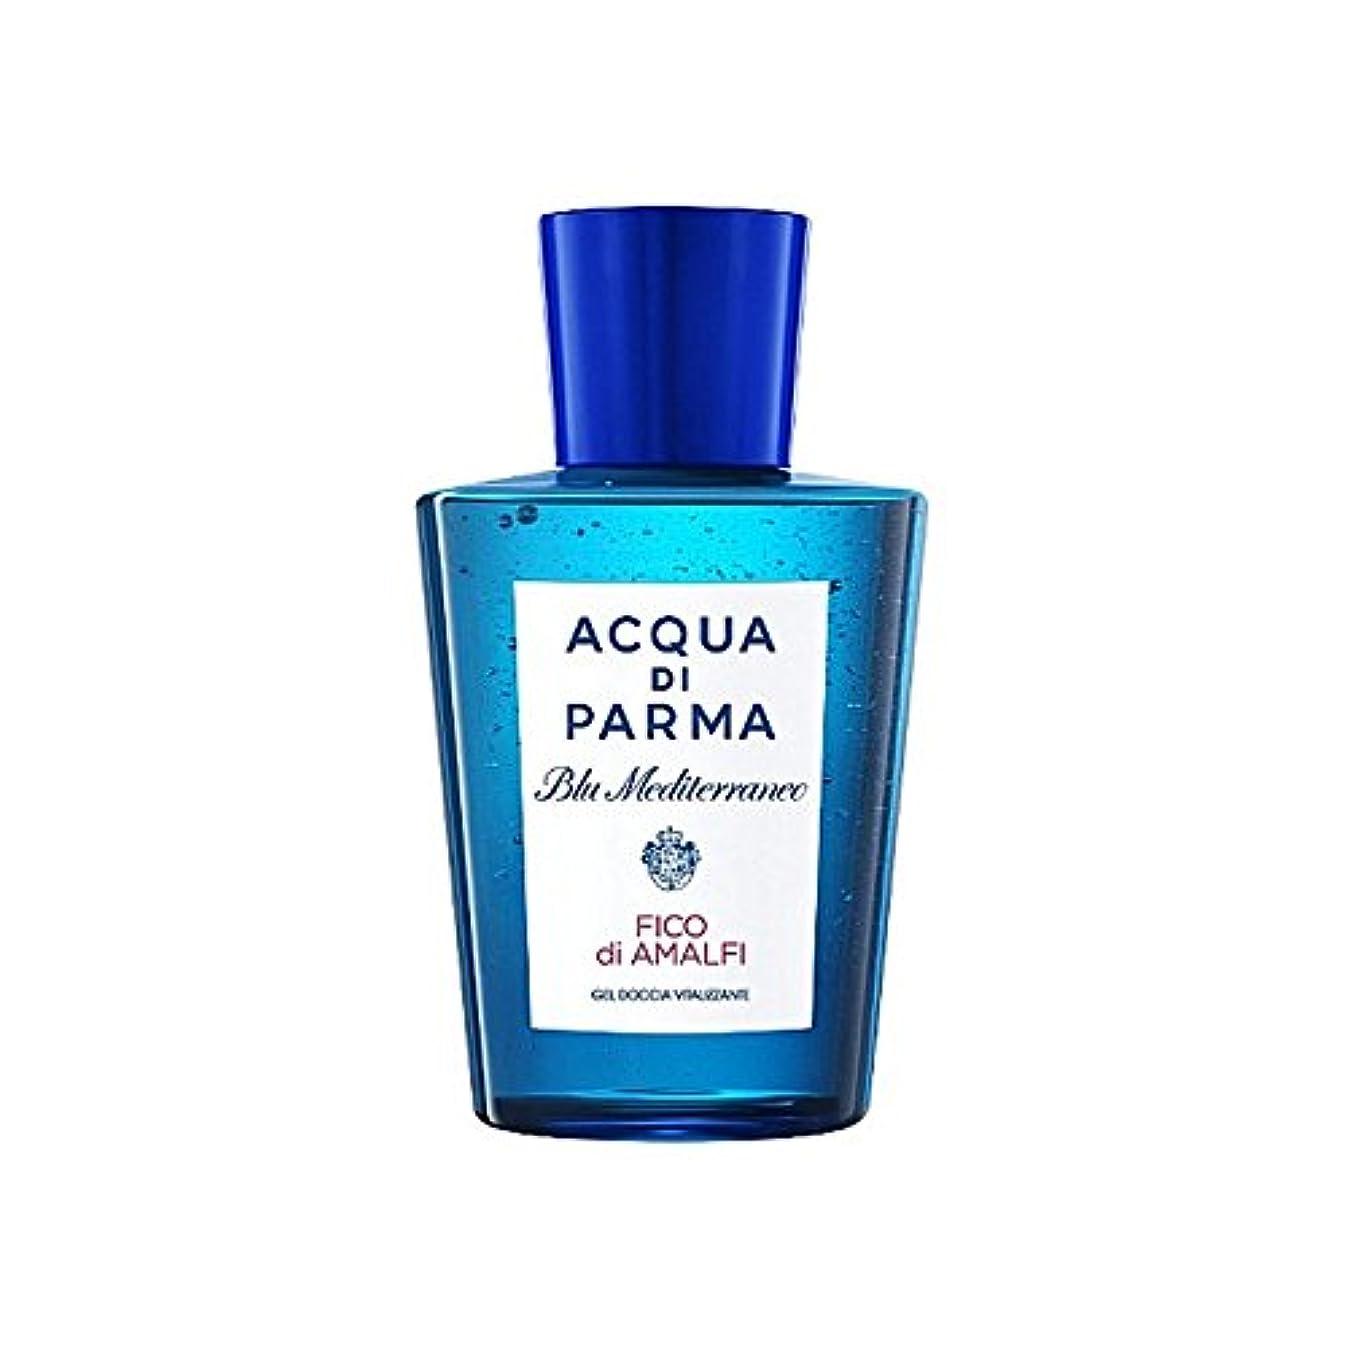 吹きさらし外科医現像Acqua Di Parma Blu Mediterraneo Fico Di Amalfi Shower Gel 200ml (Pack of 6) - アクアディパルマブルーメディジアマルフィシャワージェル200 x6 [並行輸入品]